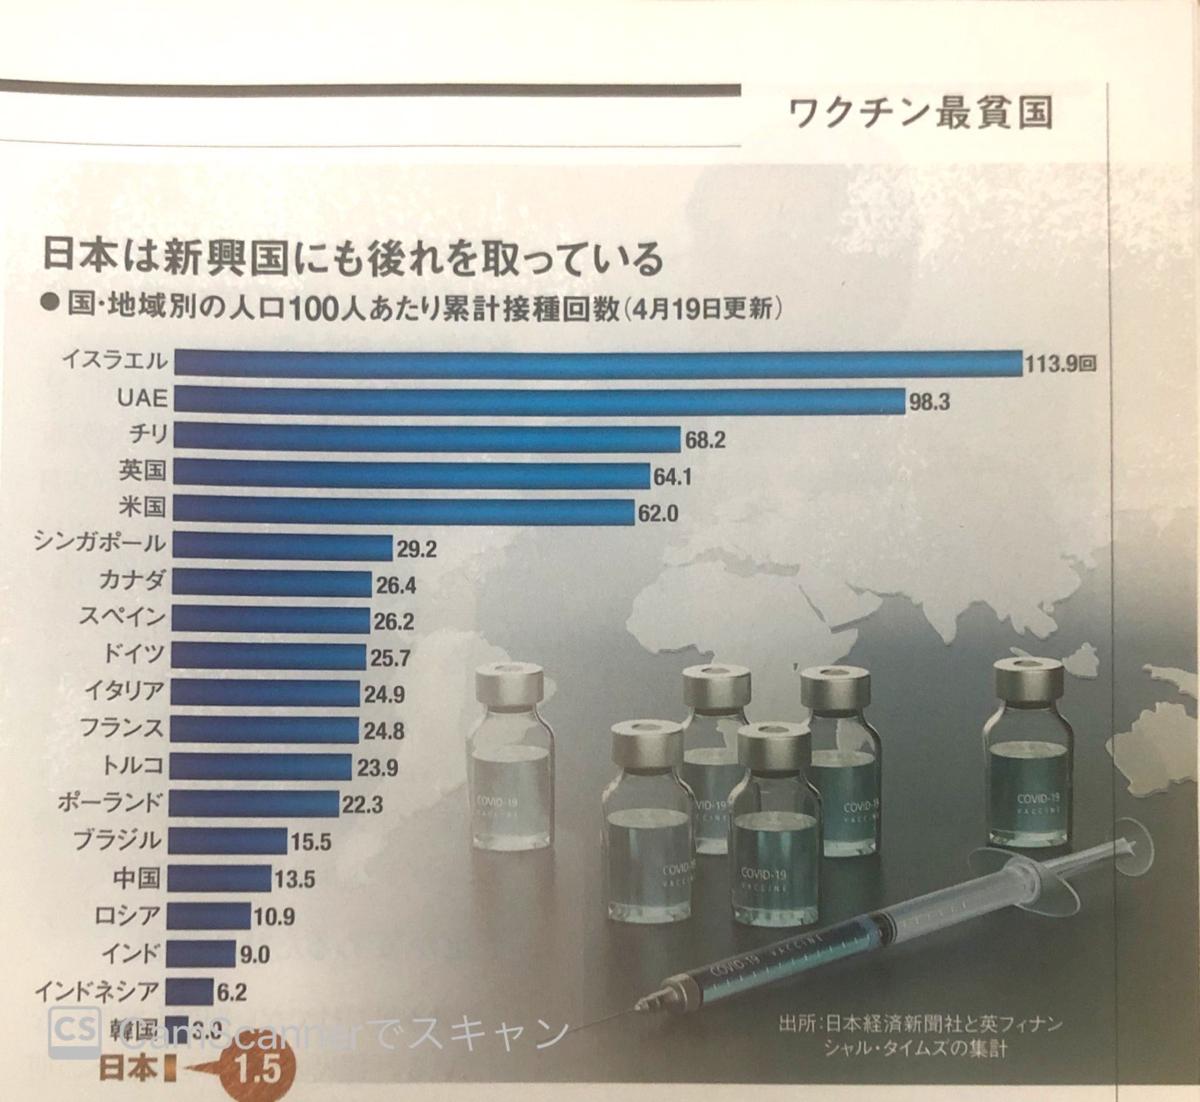 国・地域別の人口100人あたり累計接種回数(4/19更新)